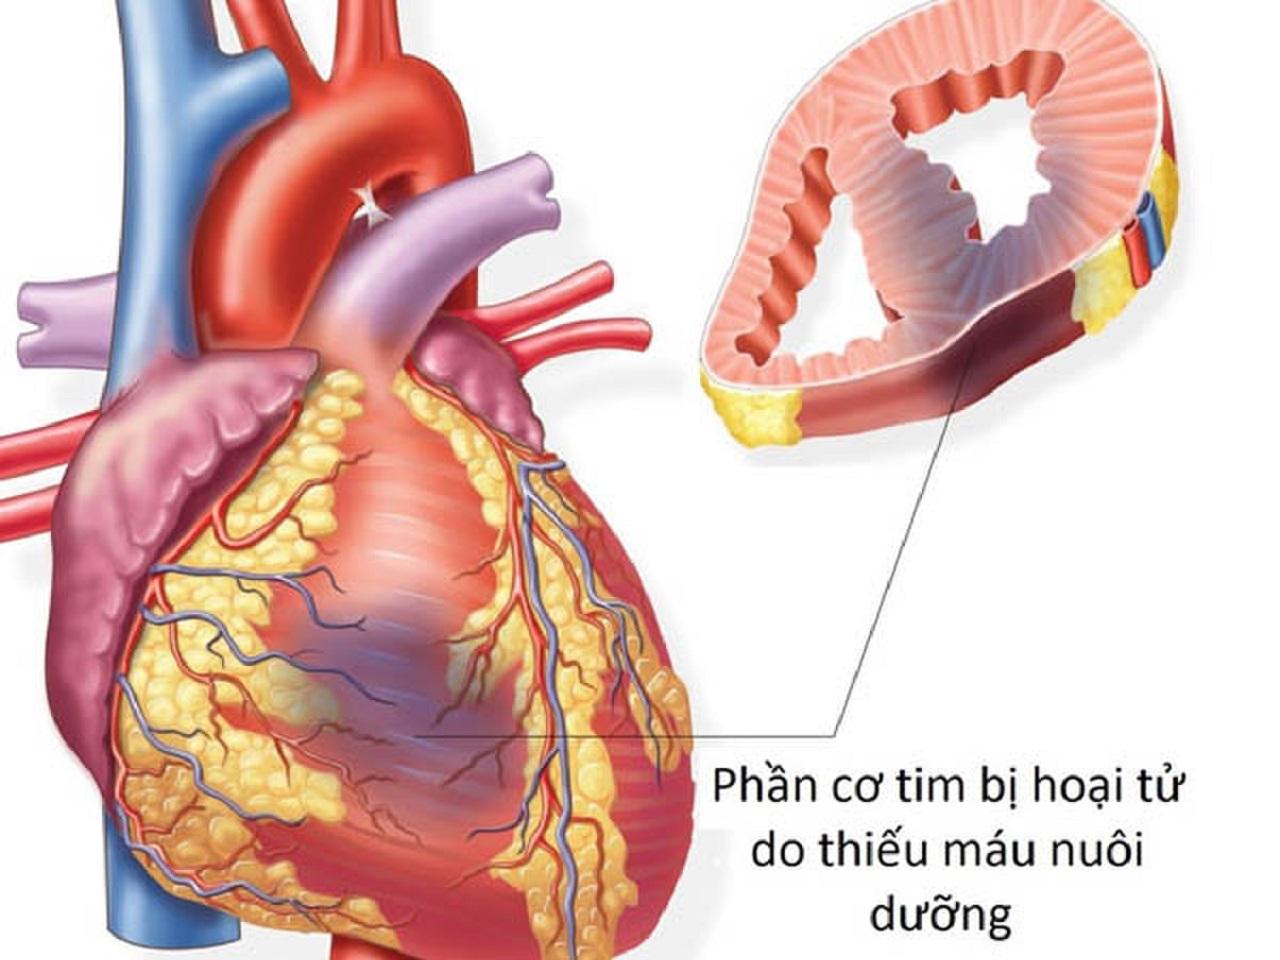 Nhồi máu cơ tim thành dưới: Chẩn đoán và điều trị